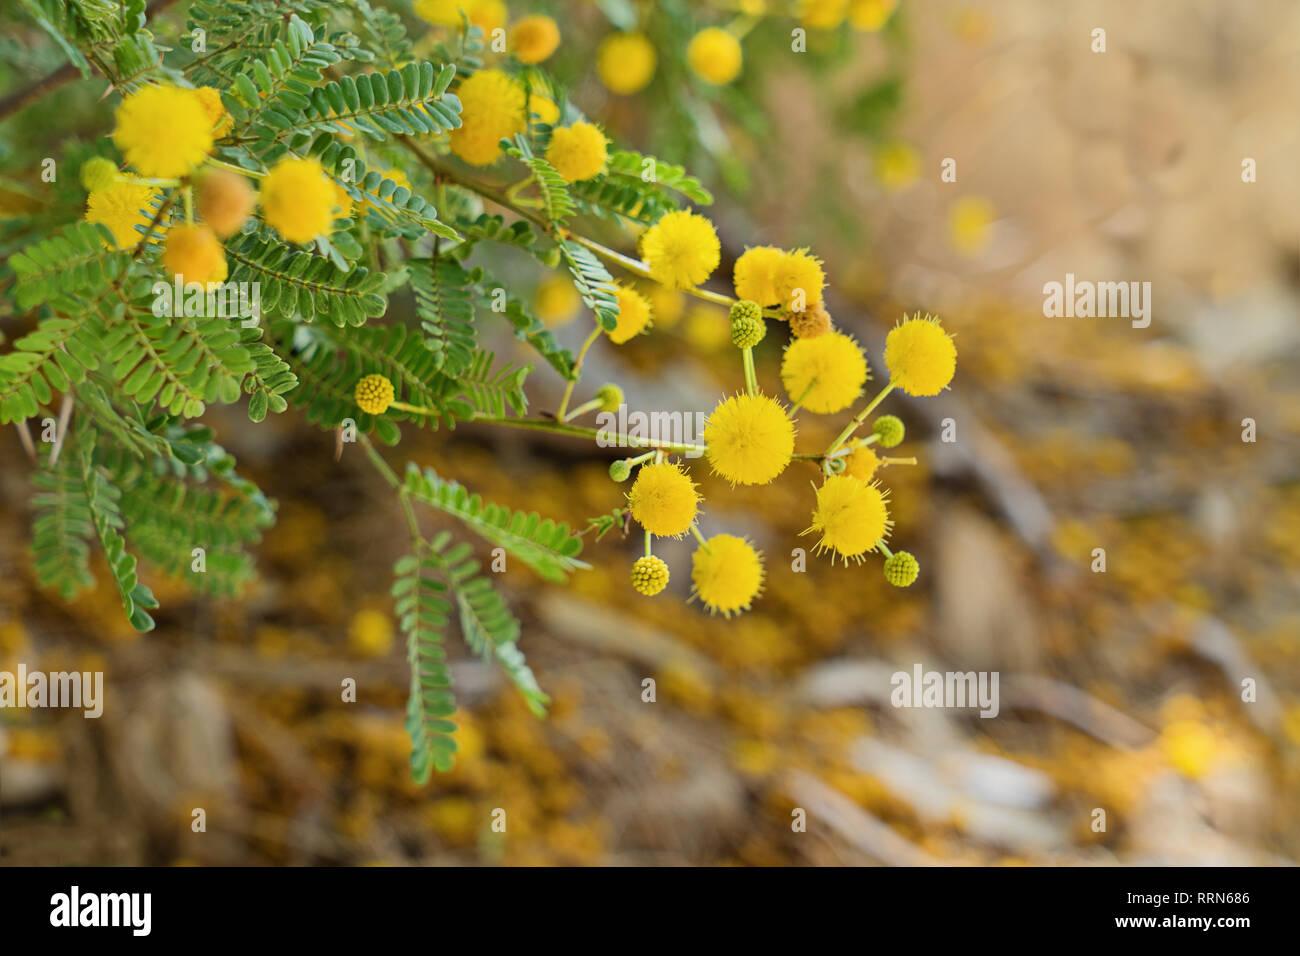 Rametto di carni soffici mimosa su sfondo bianco. FED959 (RF). Chiudere il ramo  di mimosa albero nella luce del sole 2ec0fdea8b92